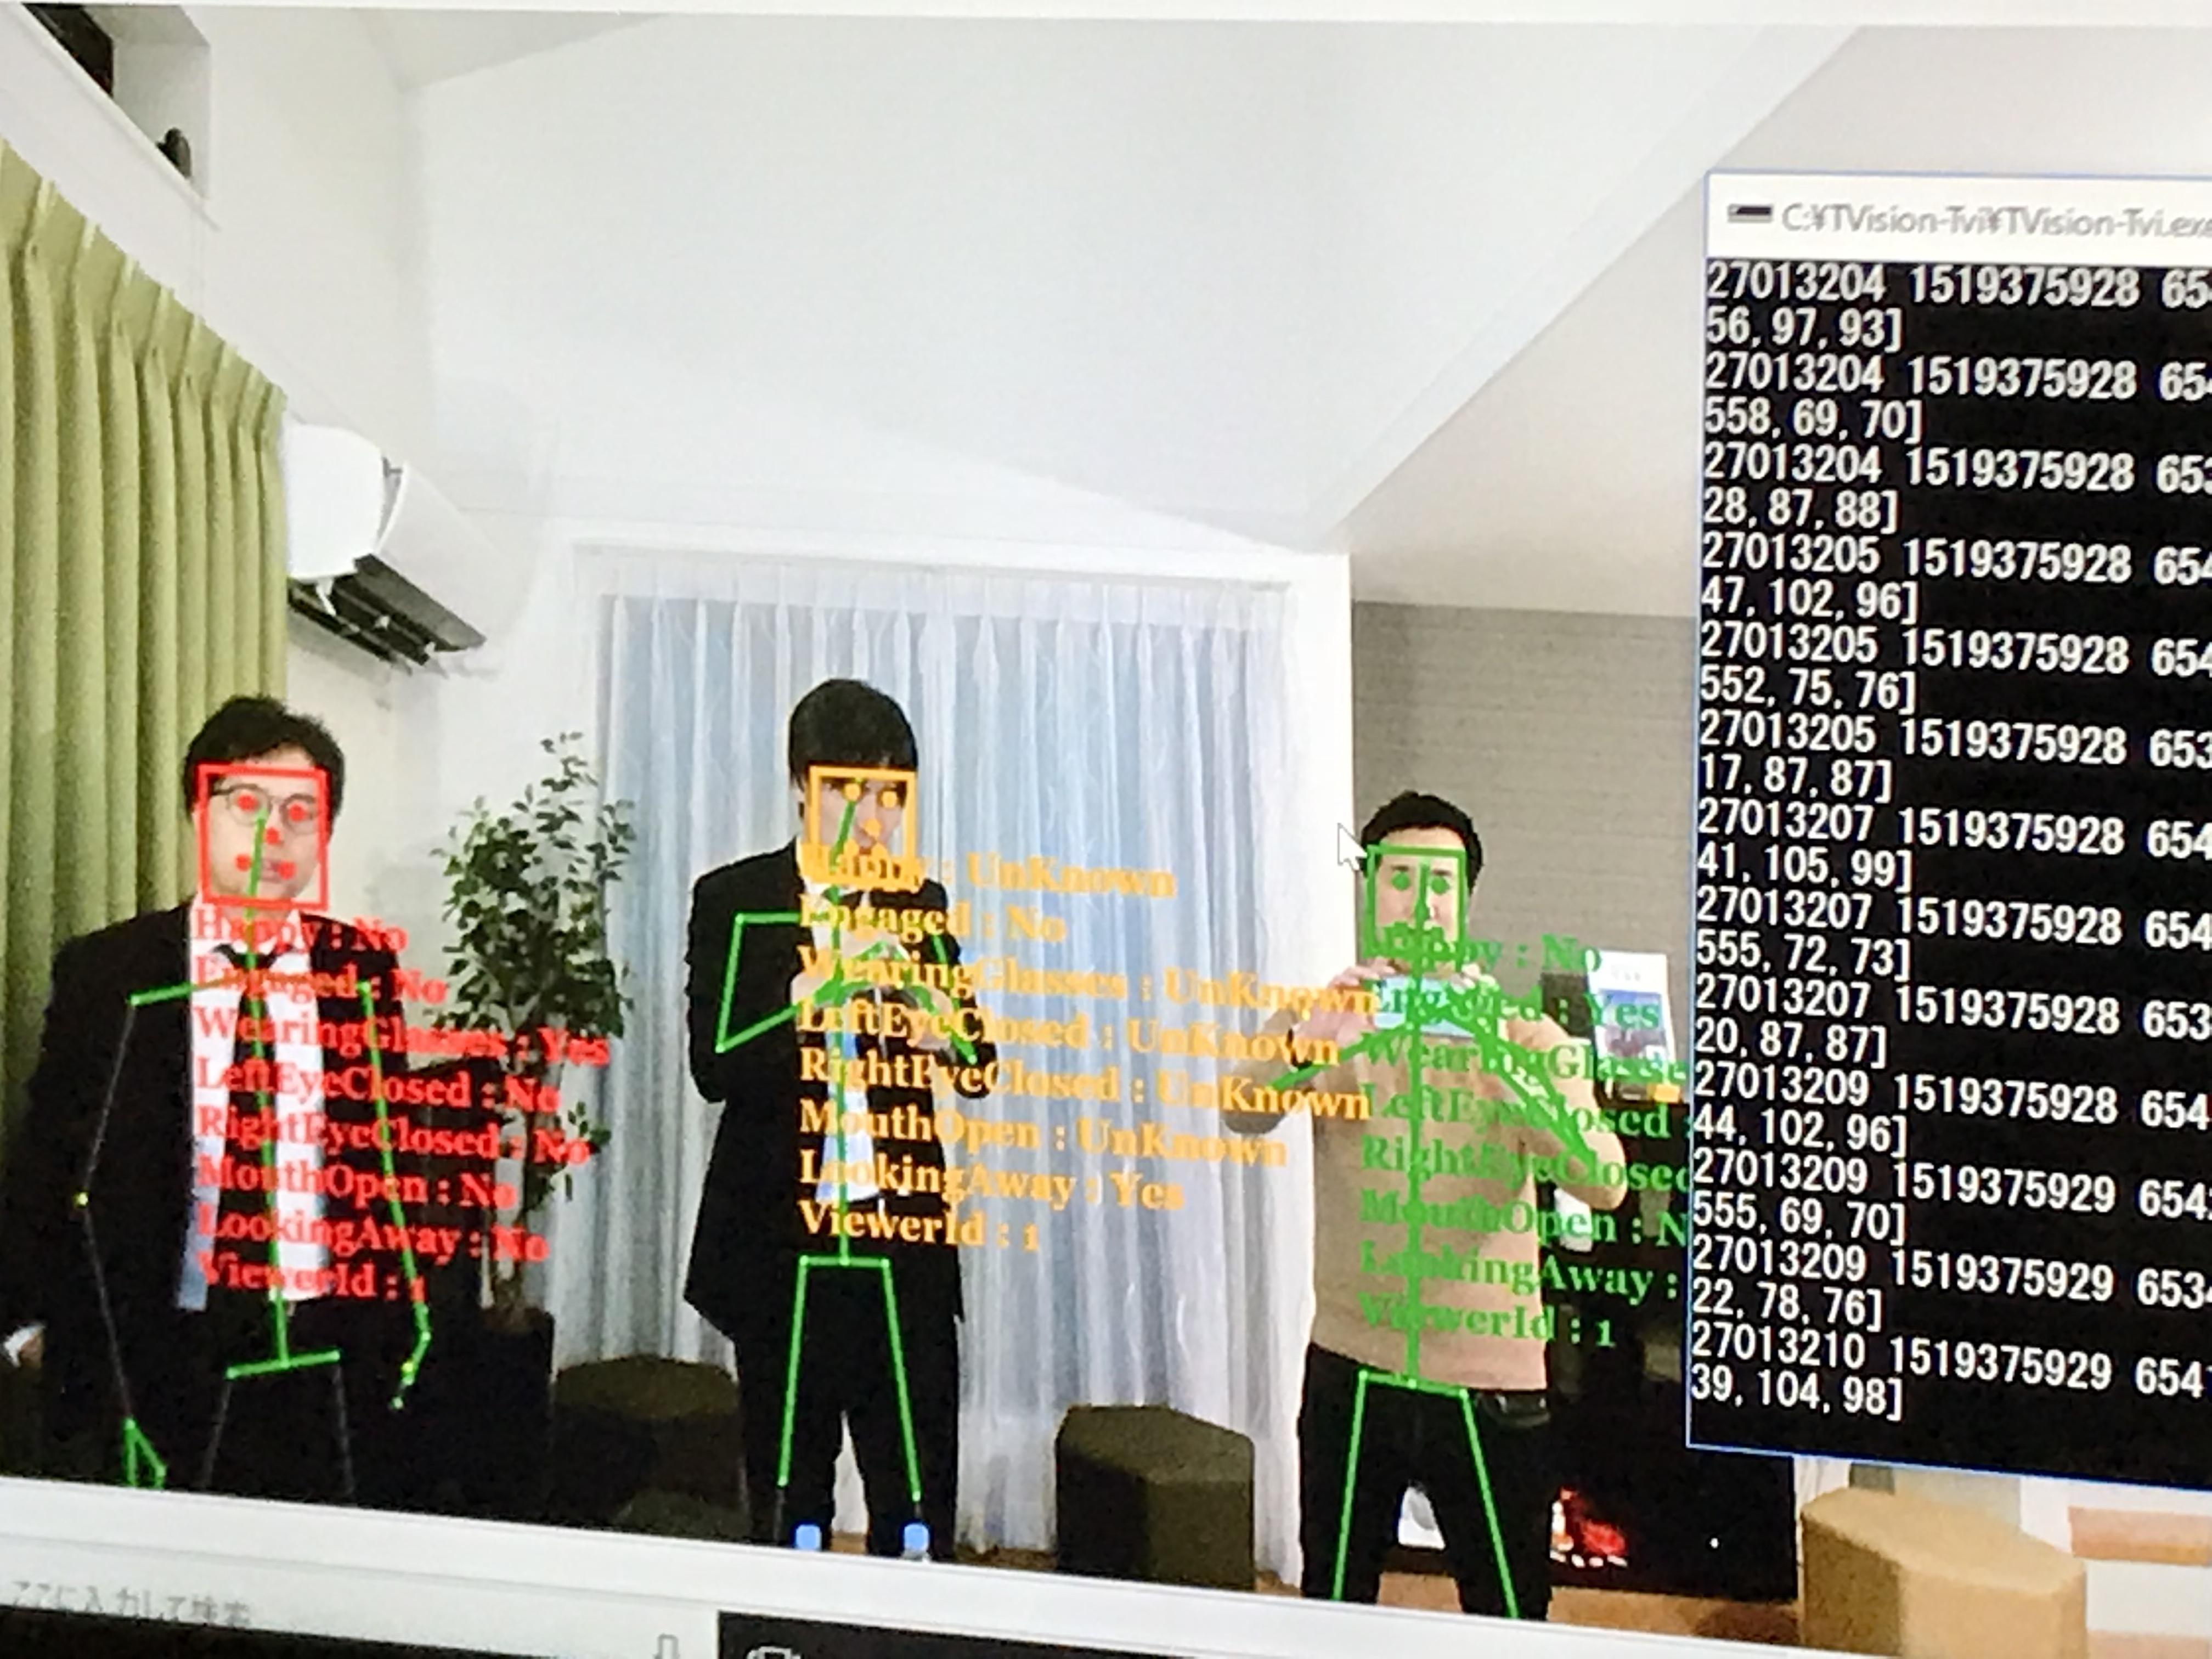 日本発売前の最新 スマート家電 : IOT家電 を オープンハウス、ソフトバンクの「MASACASA!」で体験 キネクト